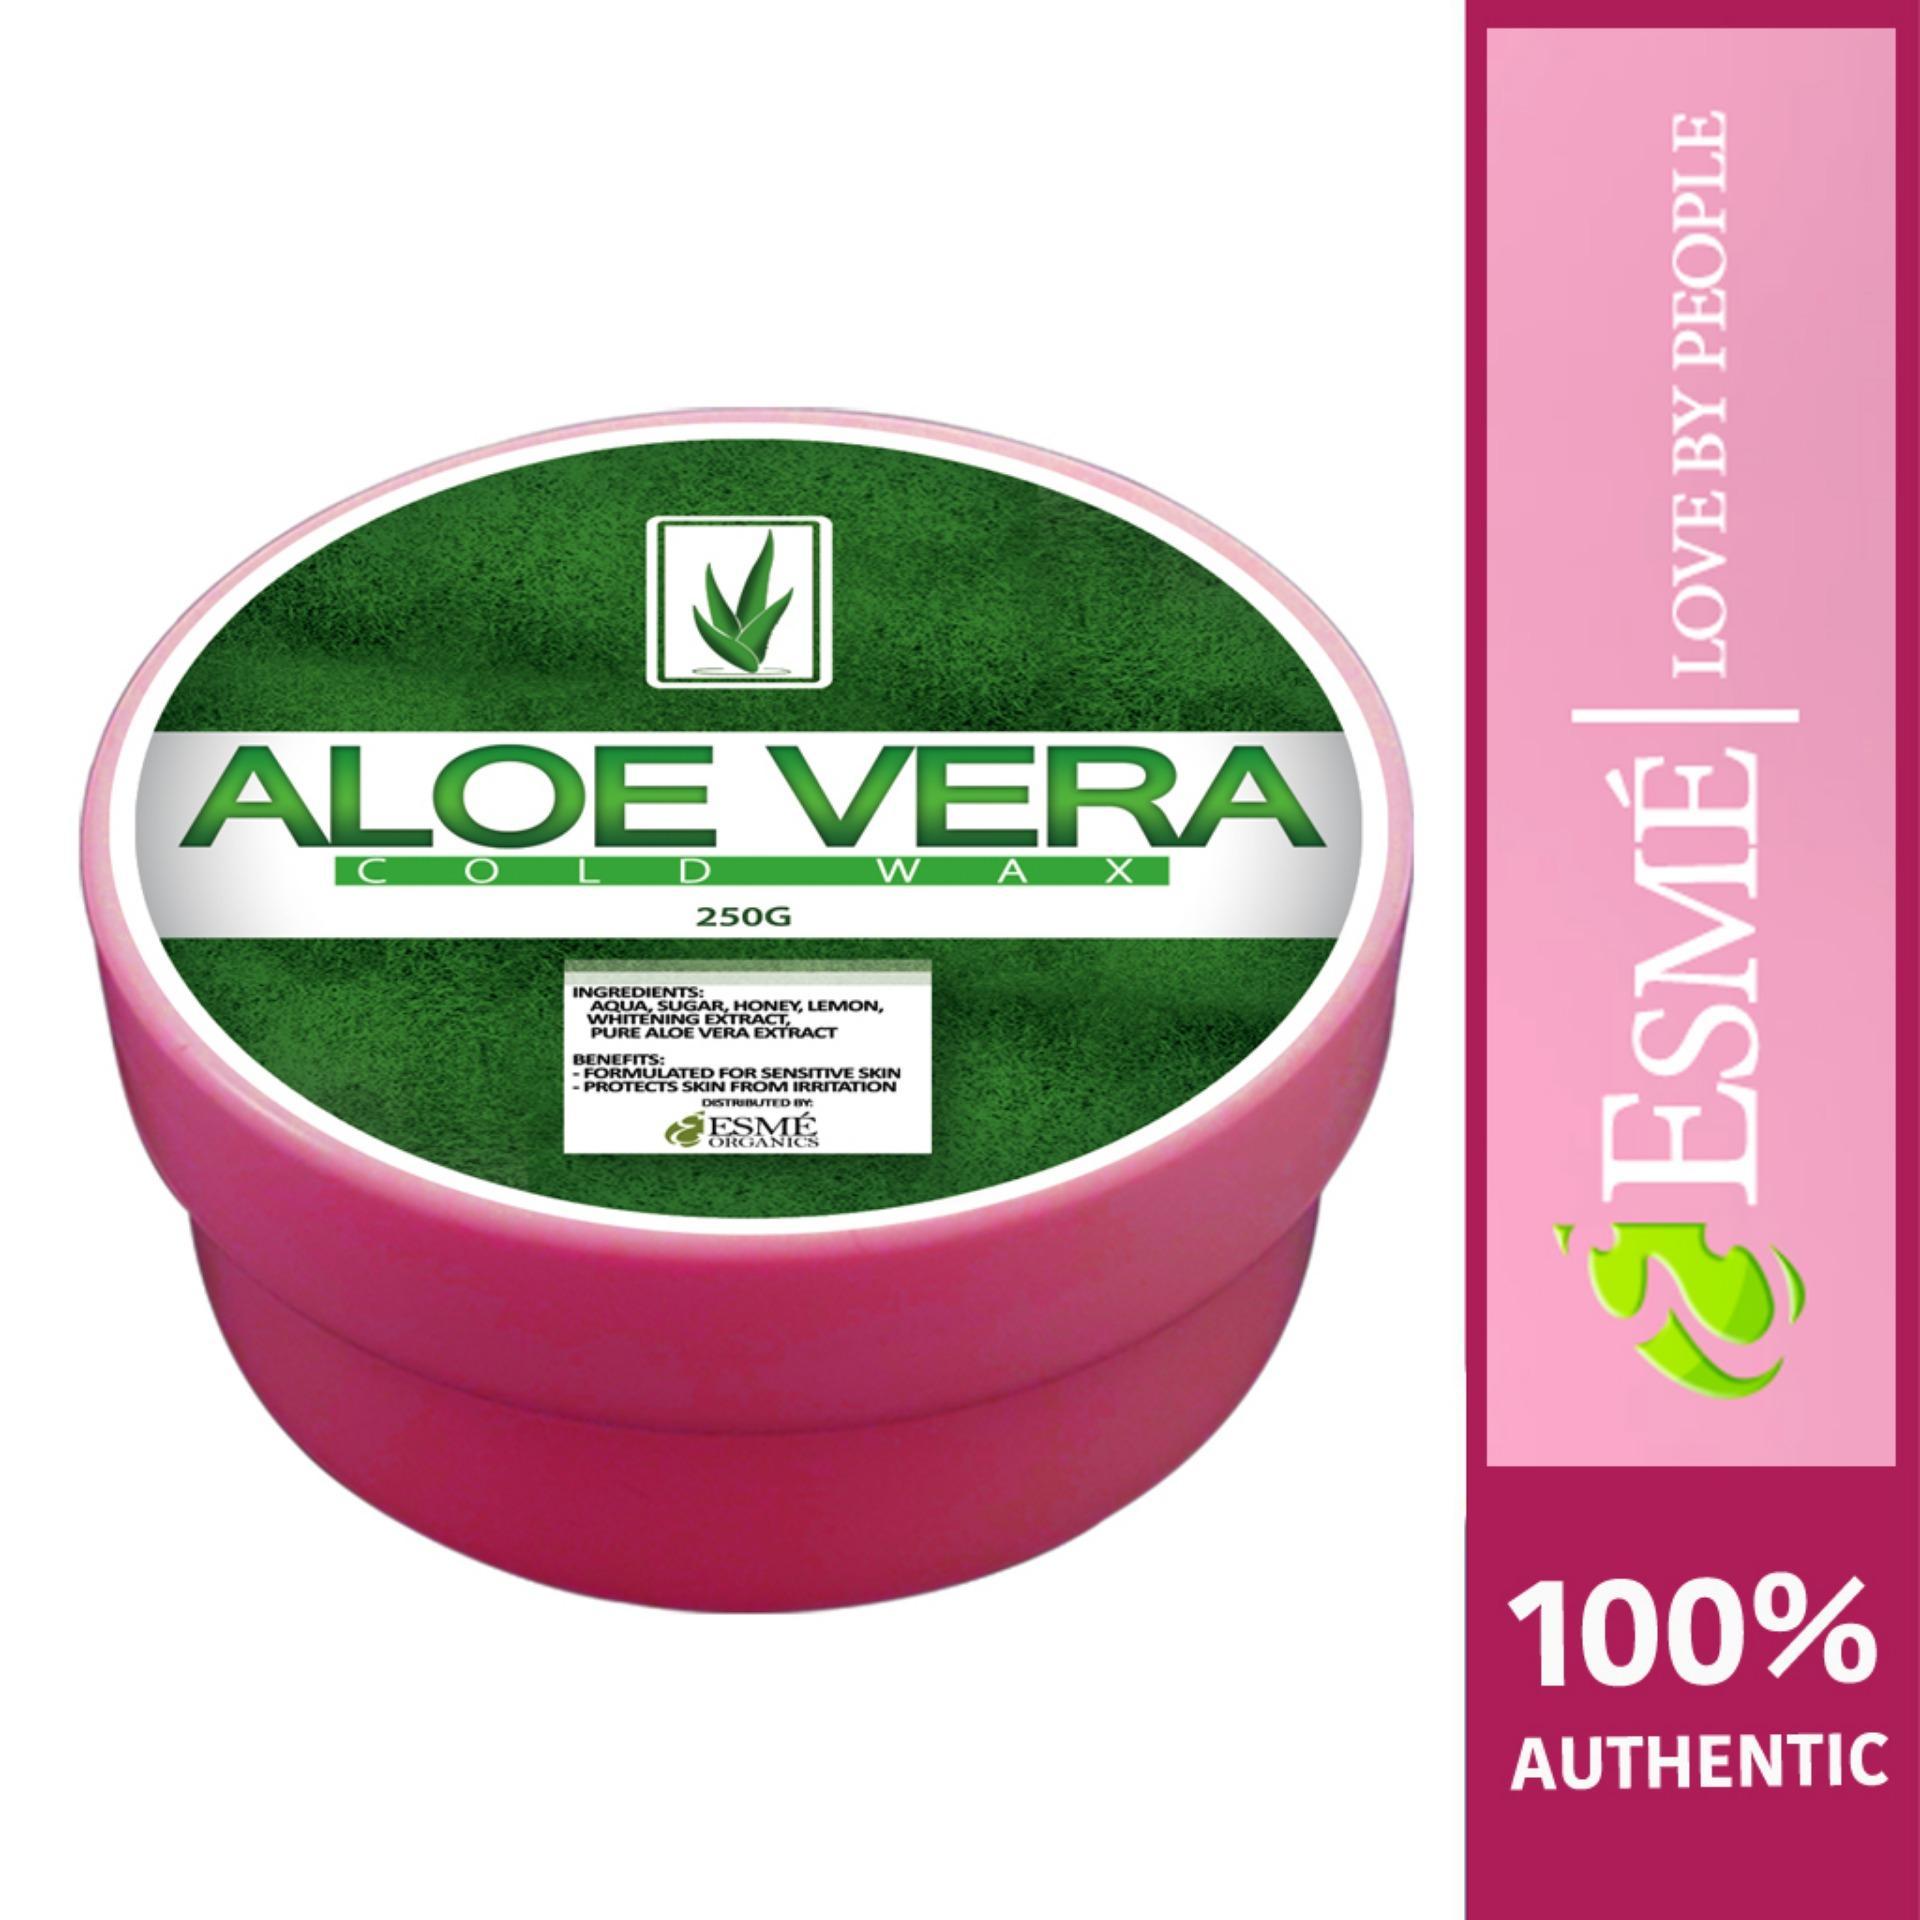 Esme Organic Cold Wax Hair Removal 250g - Aloe Vera By Hong Kong Value Shop.